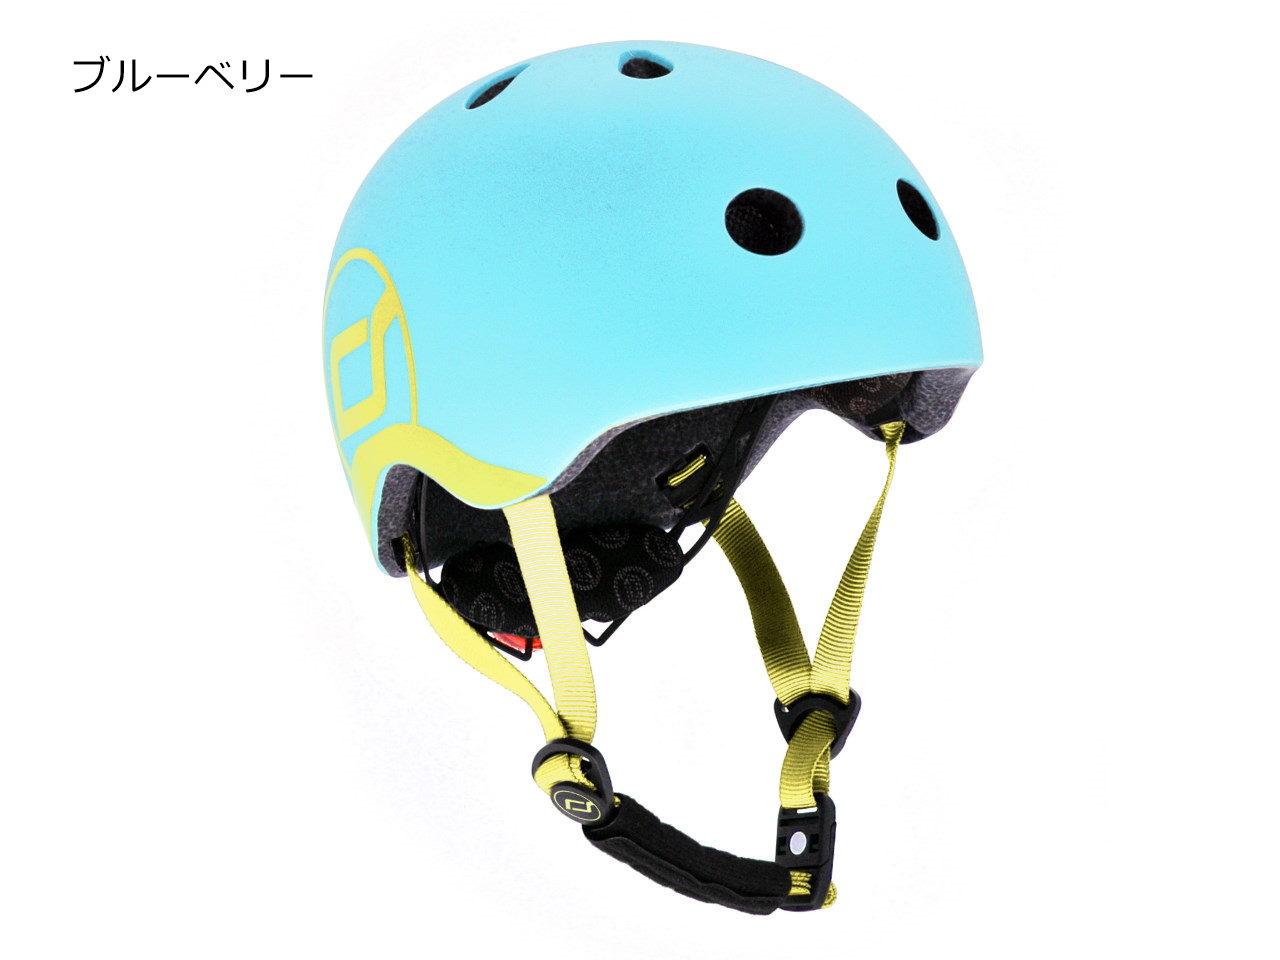 スクート&ライド ヘルメット【最短翌日発送】